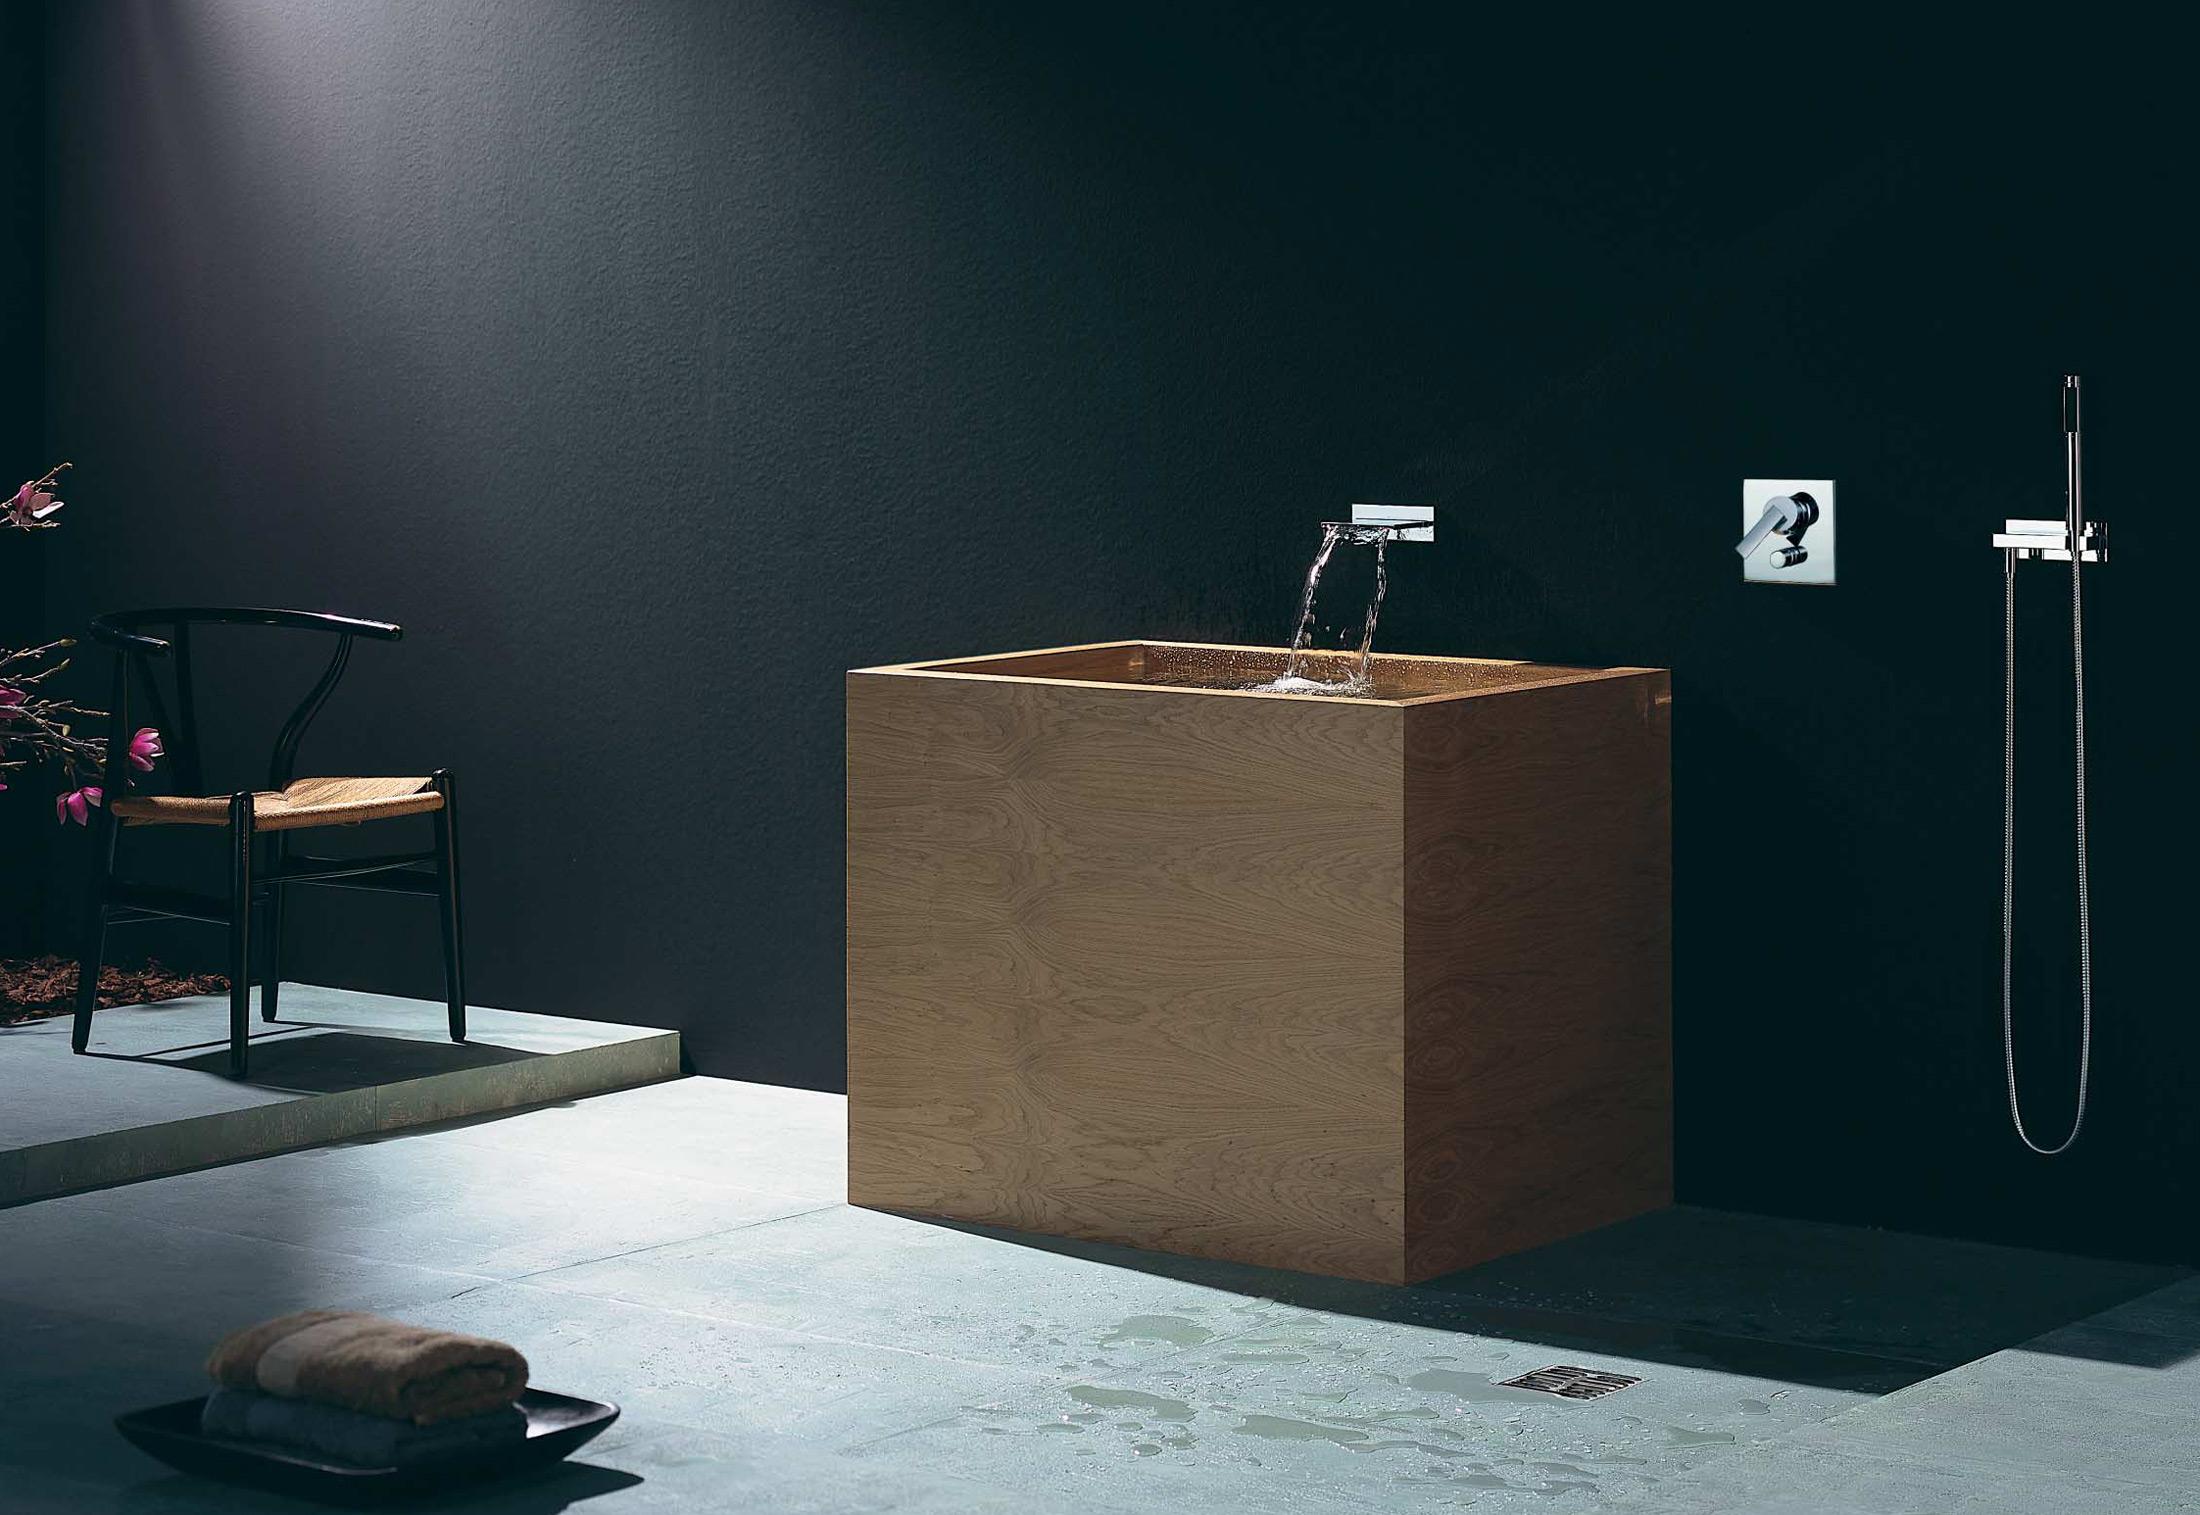 MEM Wall-mounted waterfall bath spout by Dornbracht | STYLEPARK